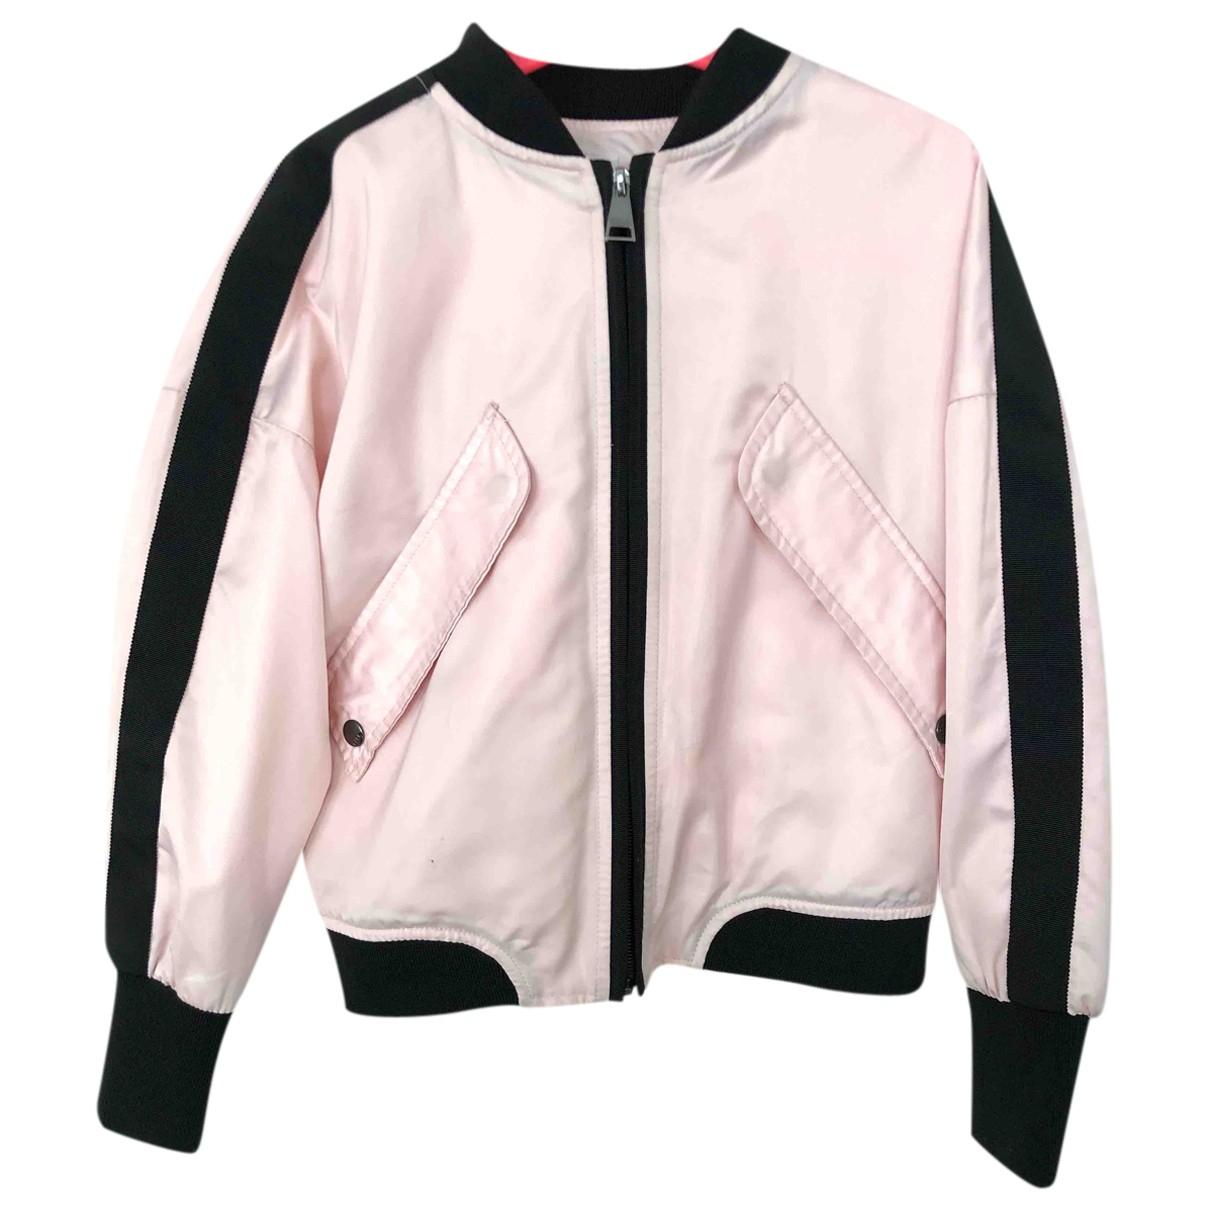 Karl Lagerfeld - Blousons.Manteaux   pour enfant - rose